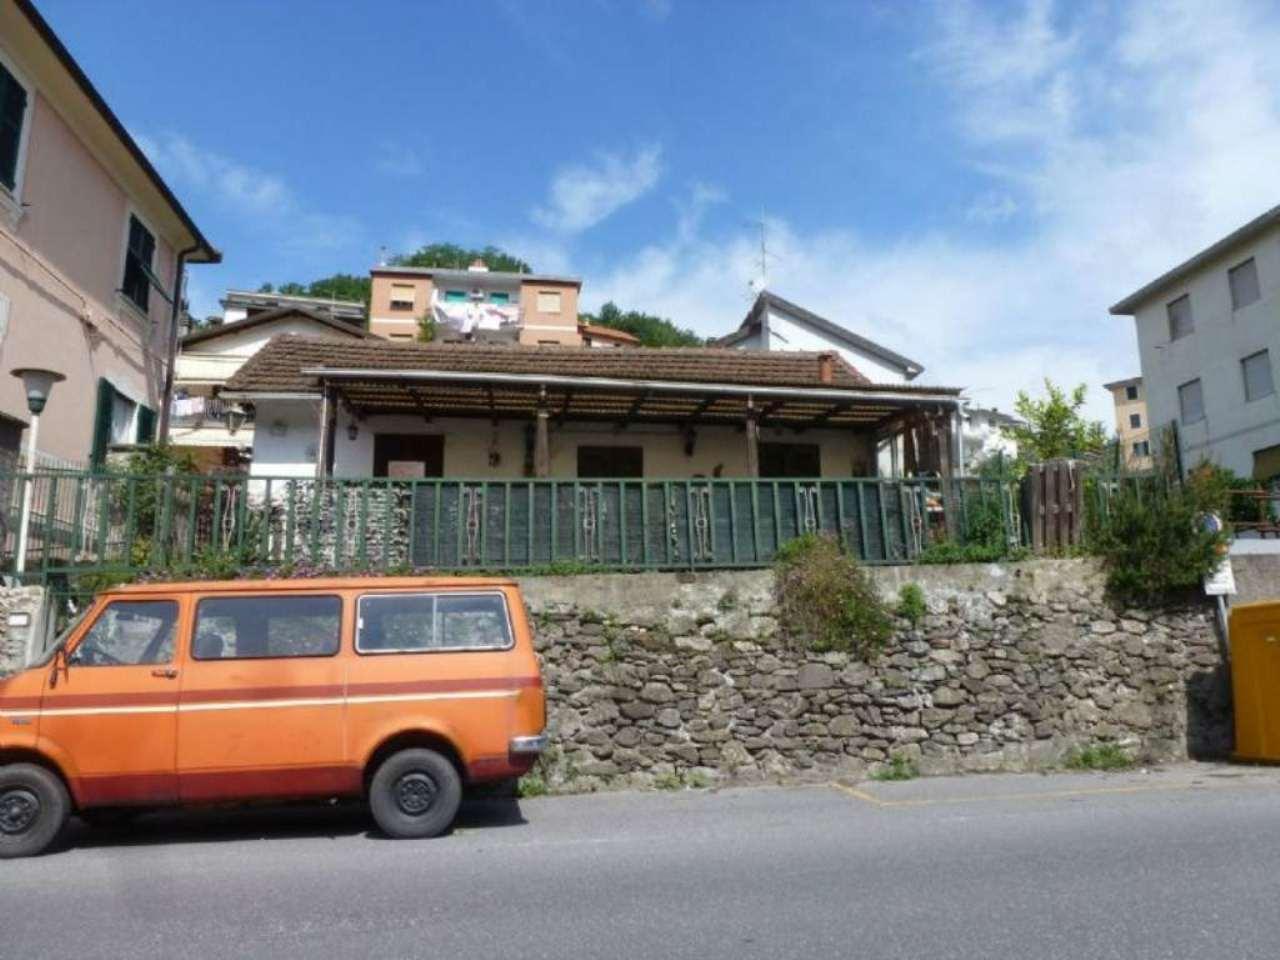 Soluzione Indipendente in vendita a Mignanego, 4 locali, prezzo € 165.000 | Cambio Casa.it